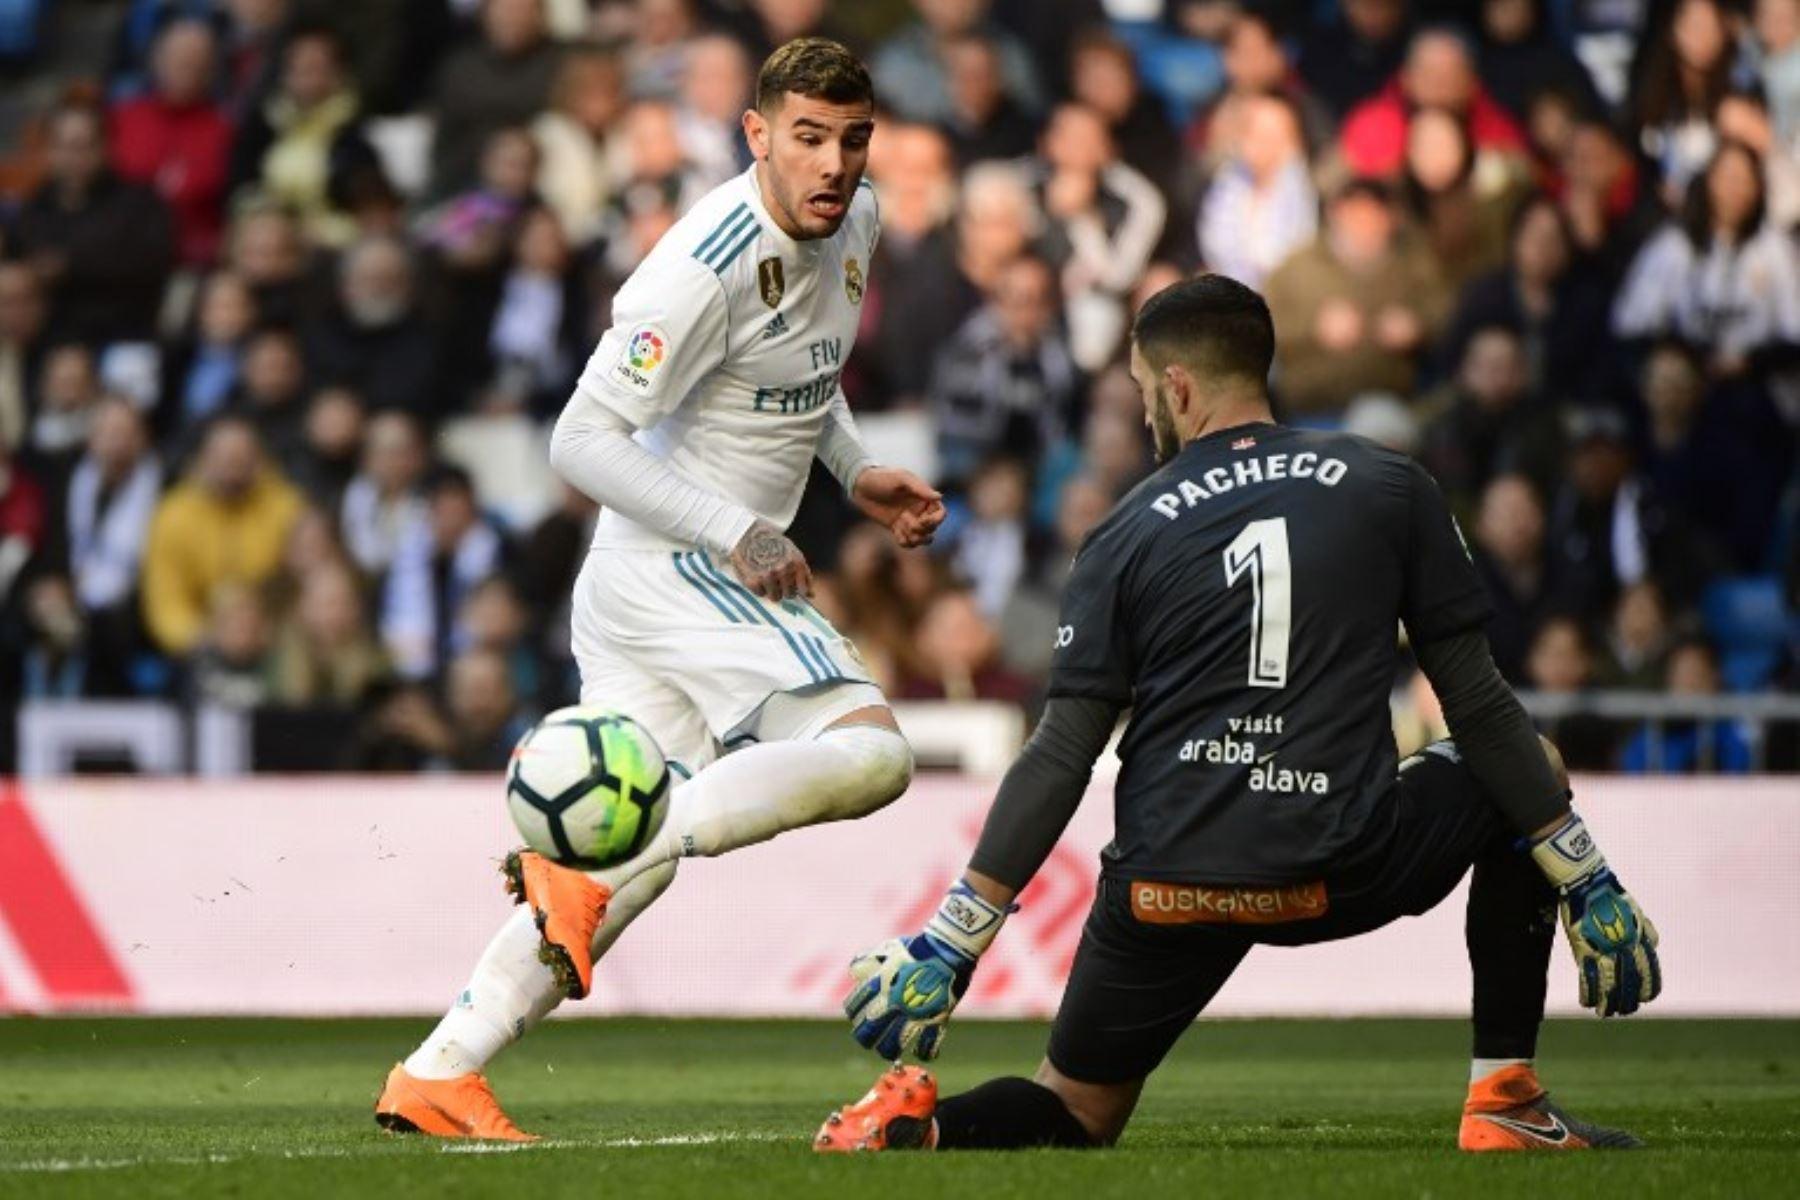 El defensa francés del Real Madrid Theo Hernández pite con el guardameta español del Alavés Fernando Pacheco. Foto:AFP